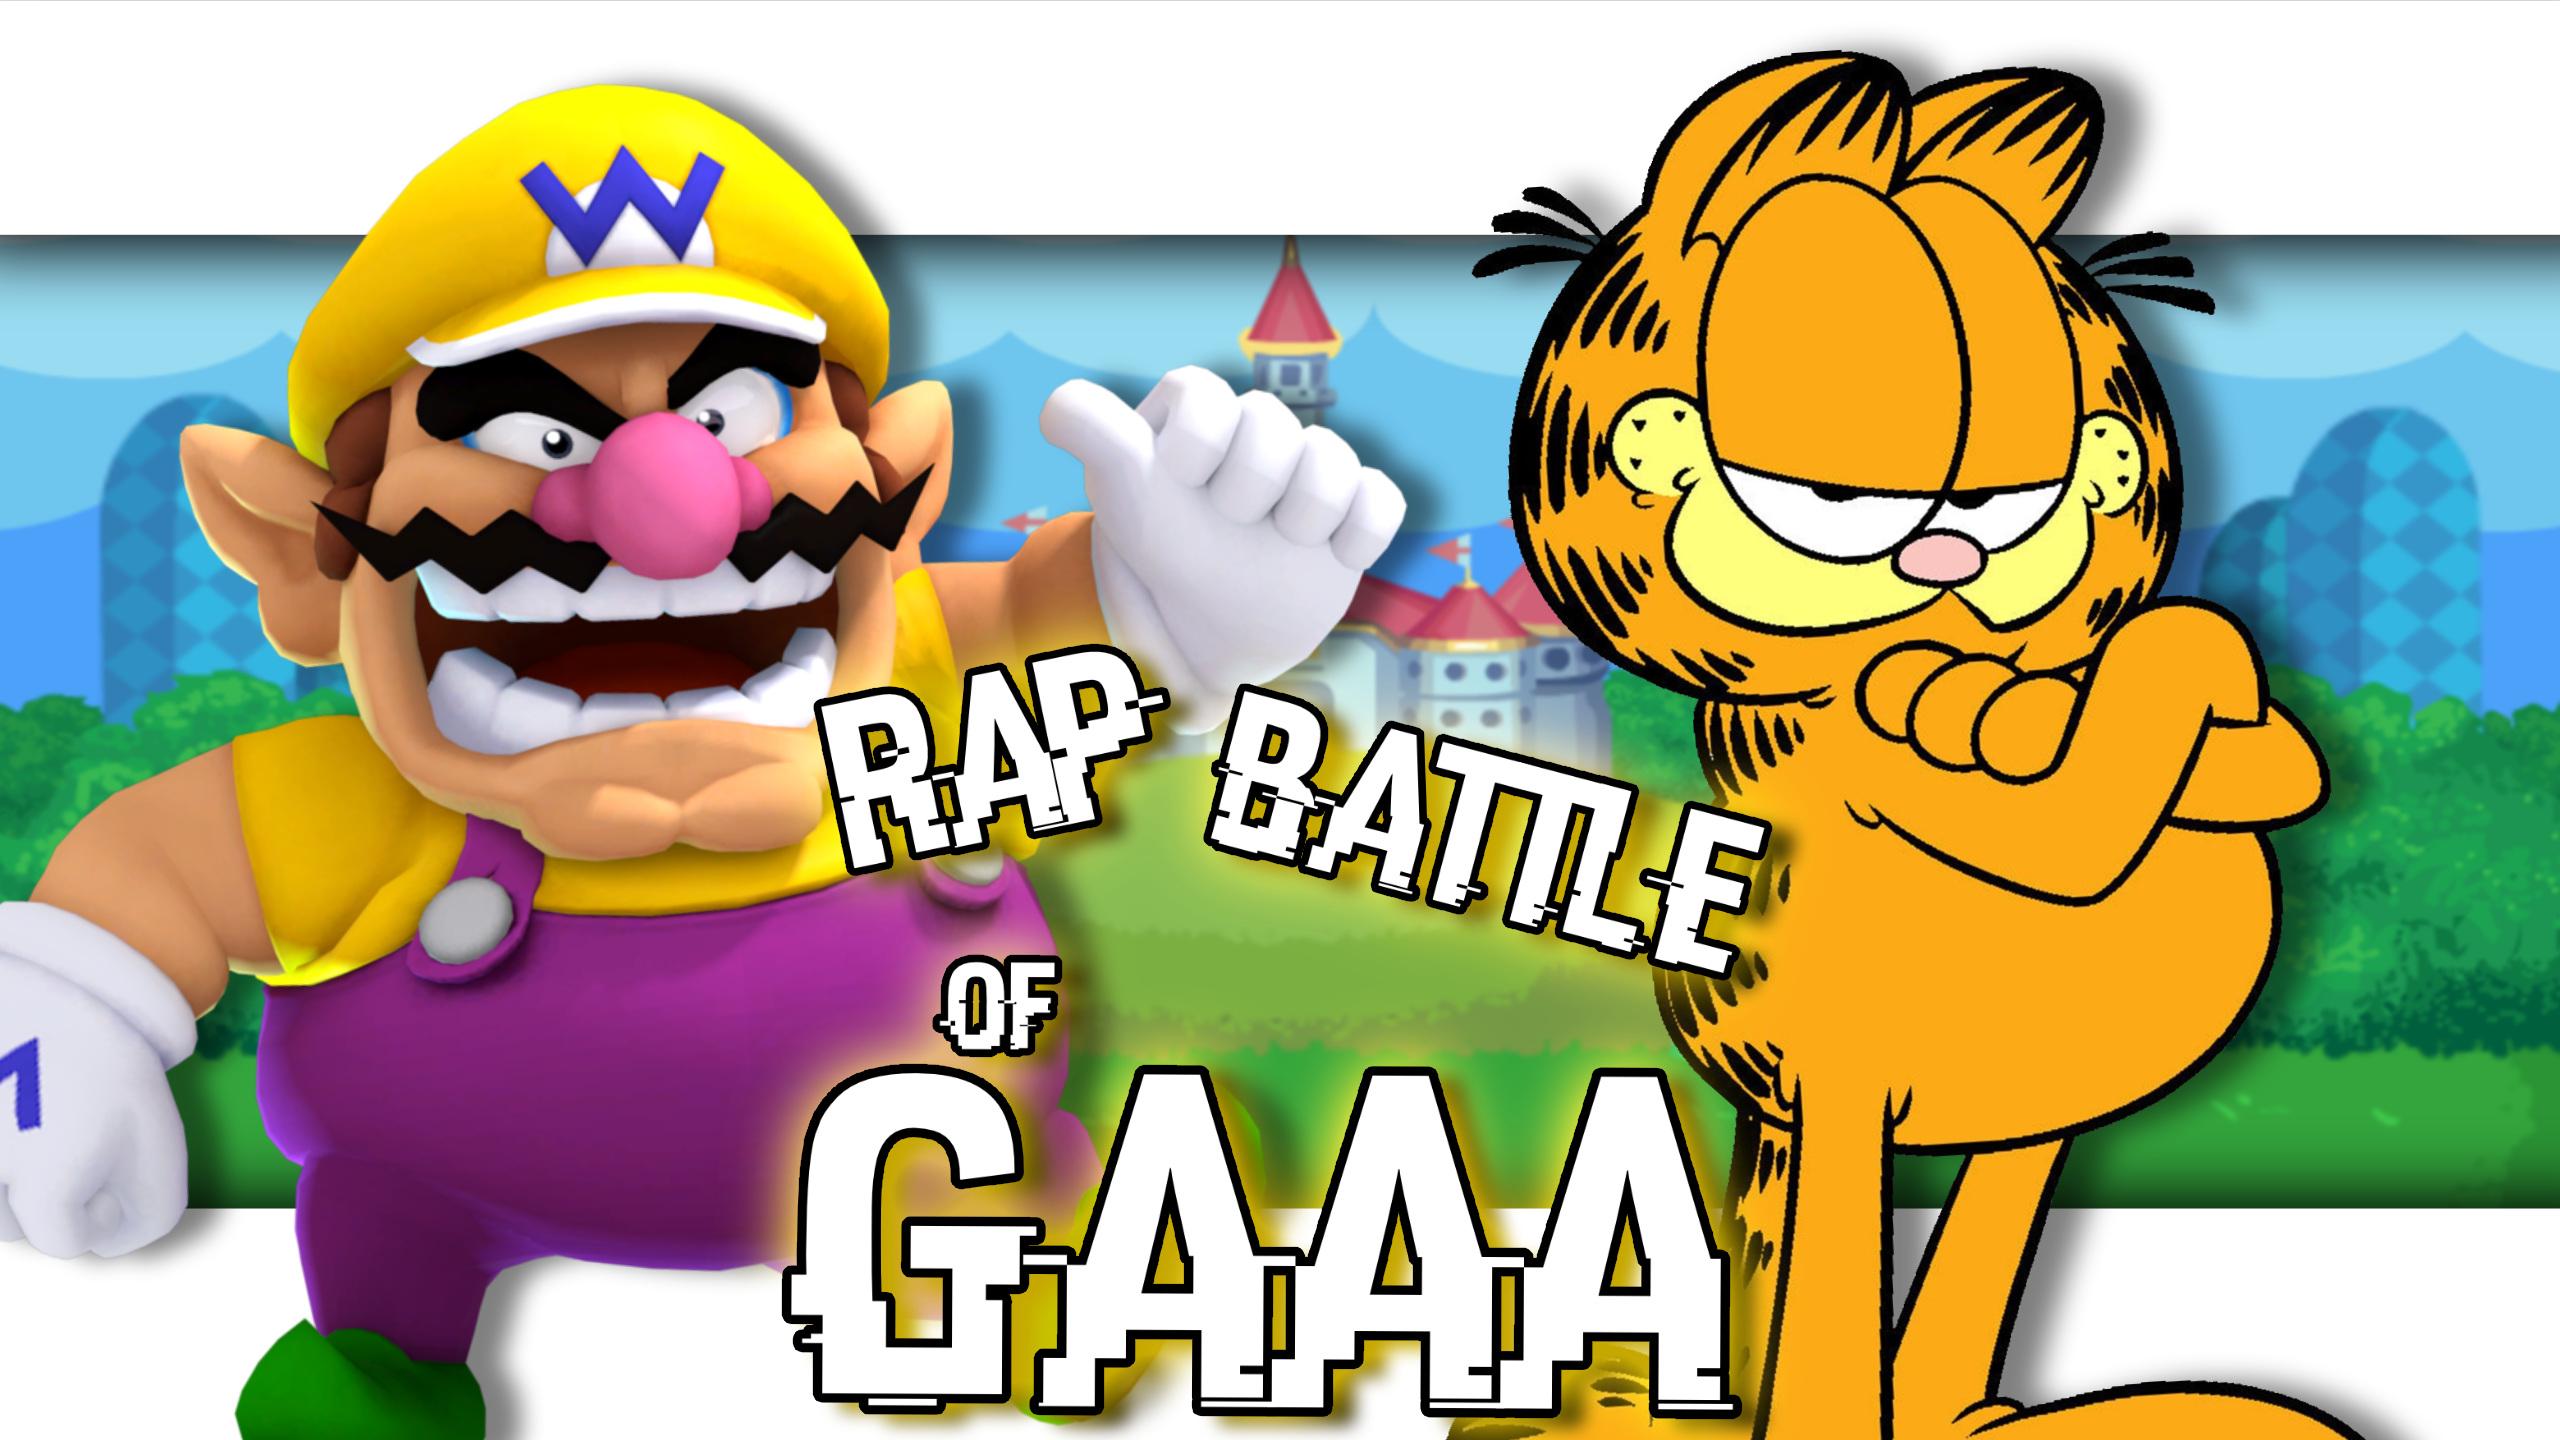 Wario Vs Garfield Wiki Rap Battle Of Gaaa Fandom